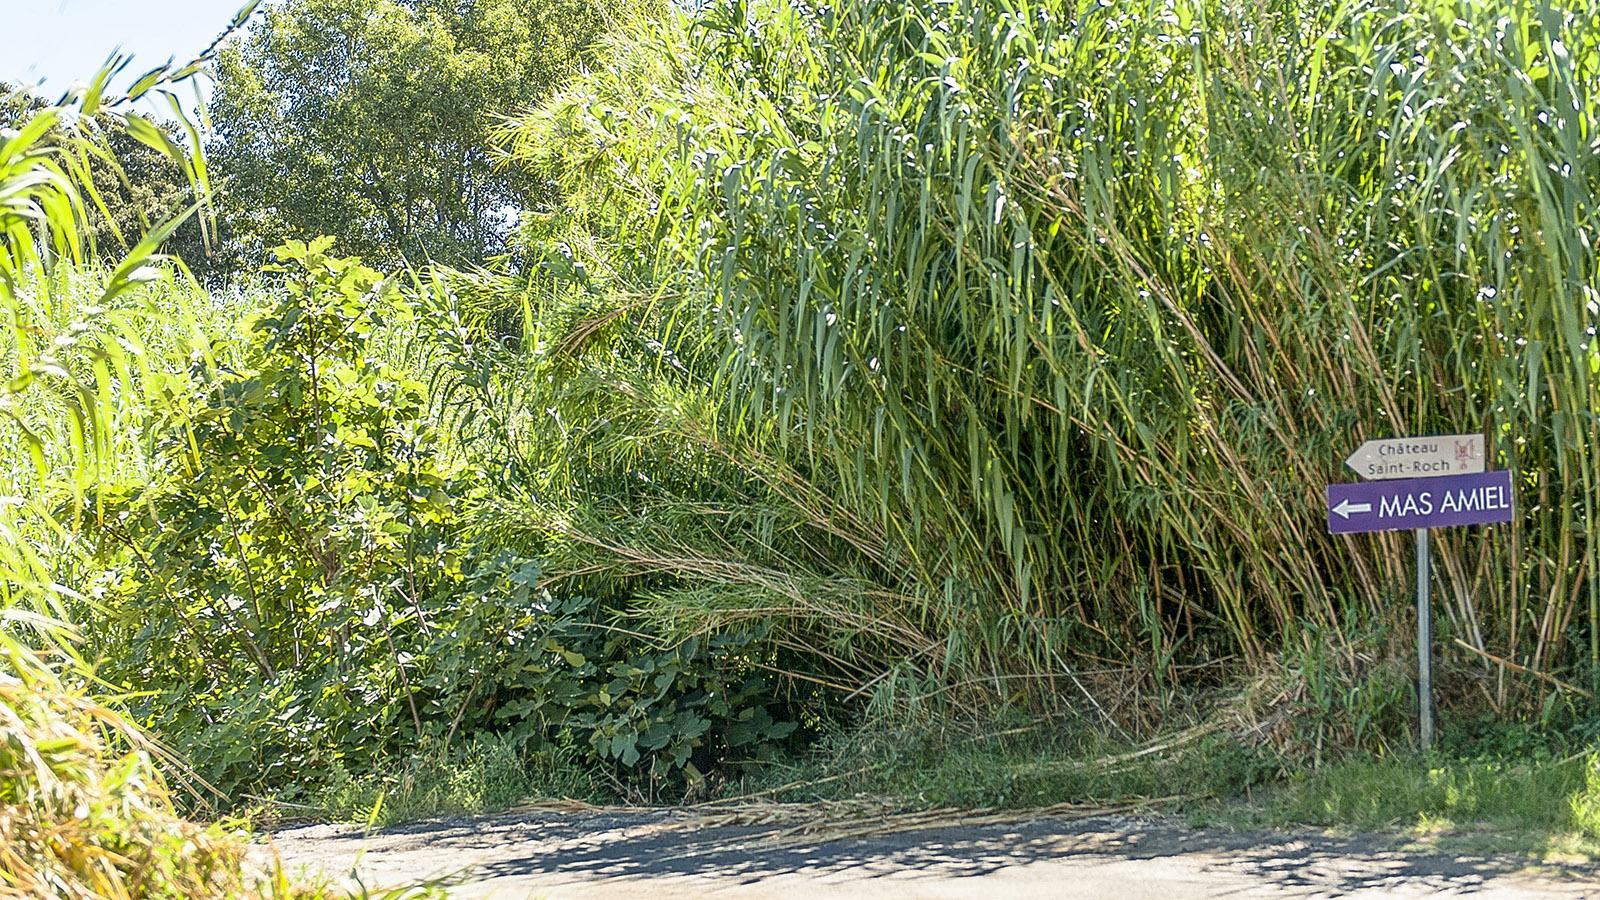 Mas Amiel: Was für eine Zufahrt von der D117 aus! Foto: Hilke Maunder